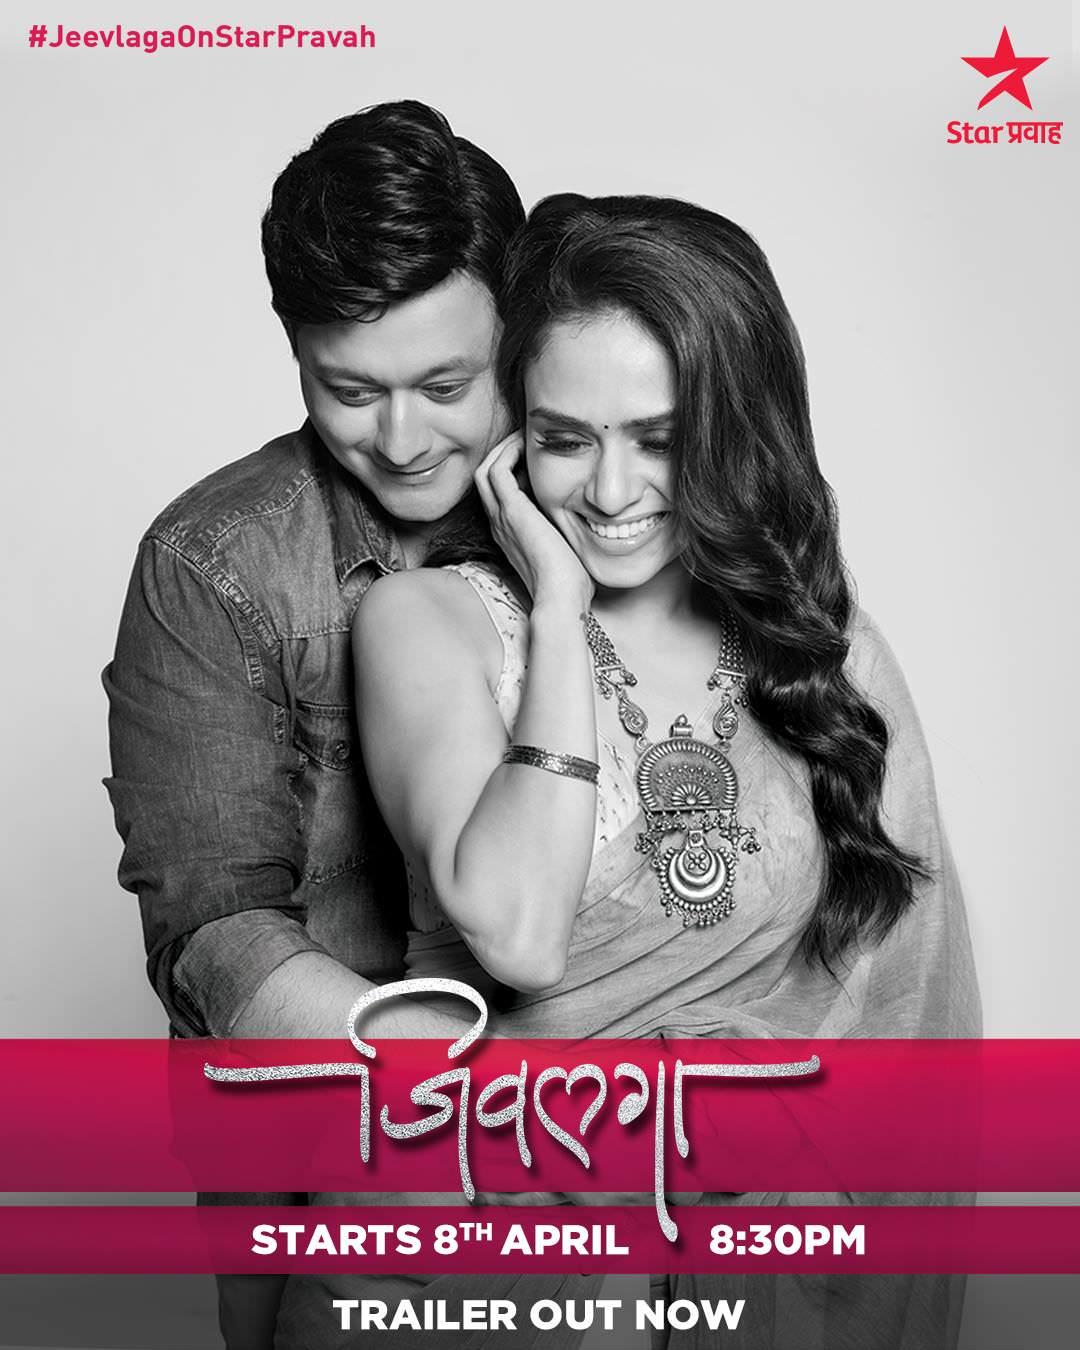 Swapnil Joshi Amruta Khanvilkar as Vishvas Kavya Jivlaga